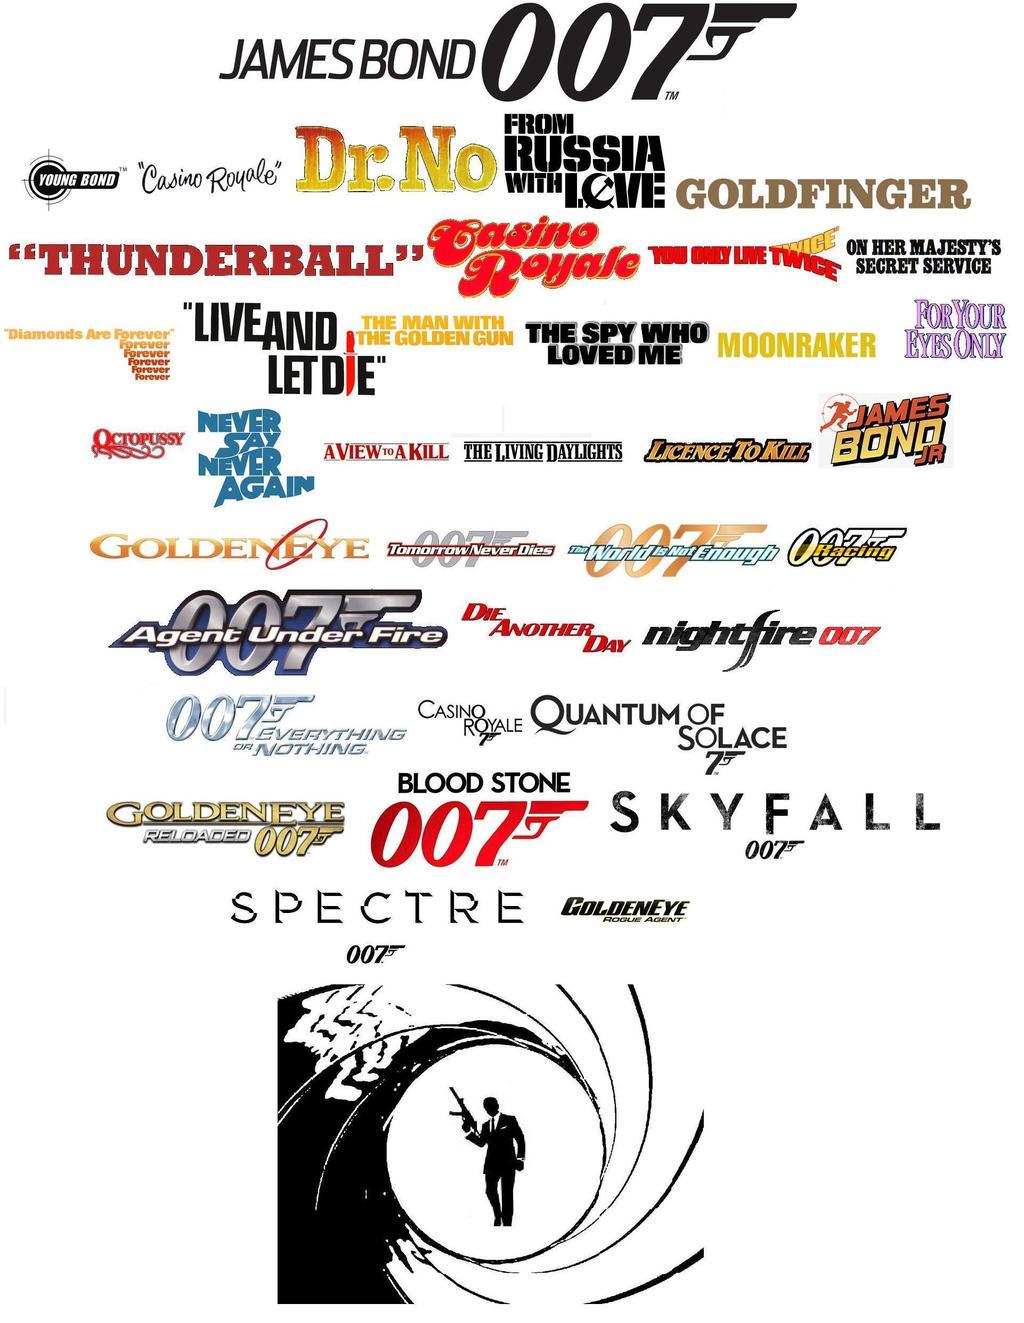 james bond 007 logo chronicles by pp7jones on deviantart